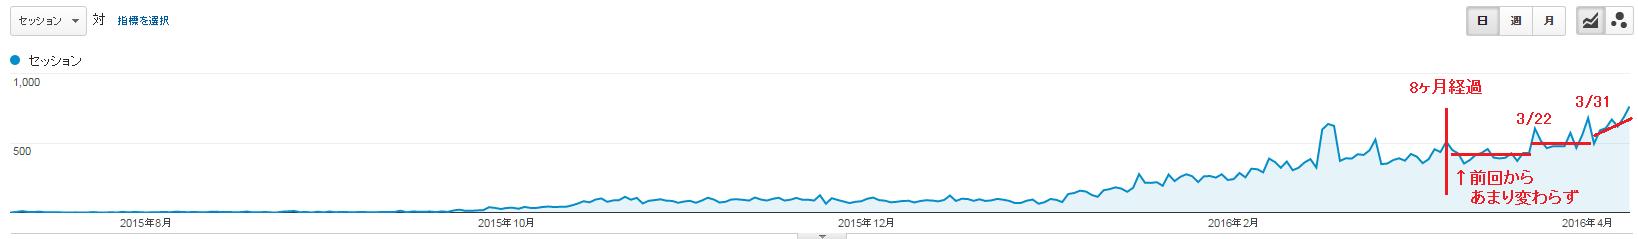 新規ドメイン取得から9ヶ月が経過した当サイトのアクセス数